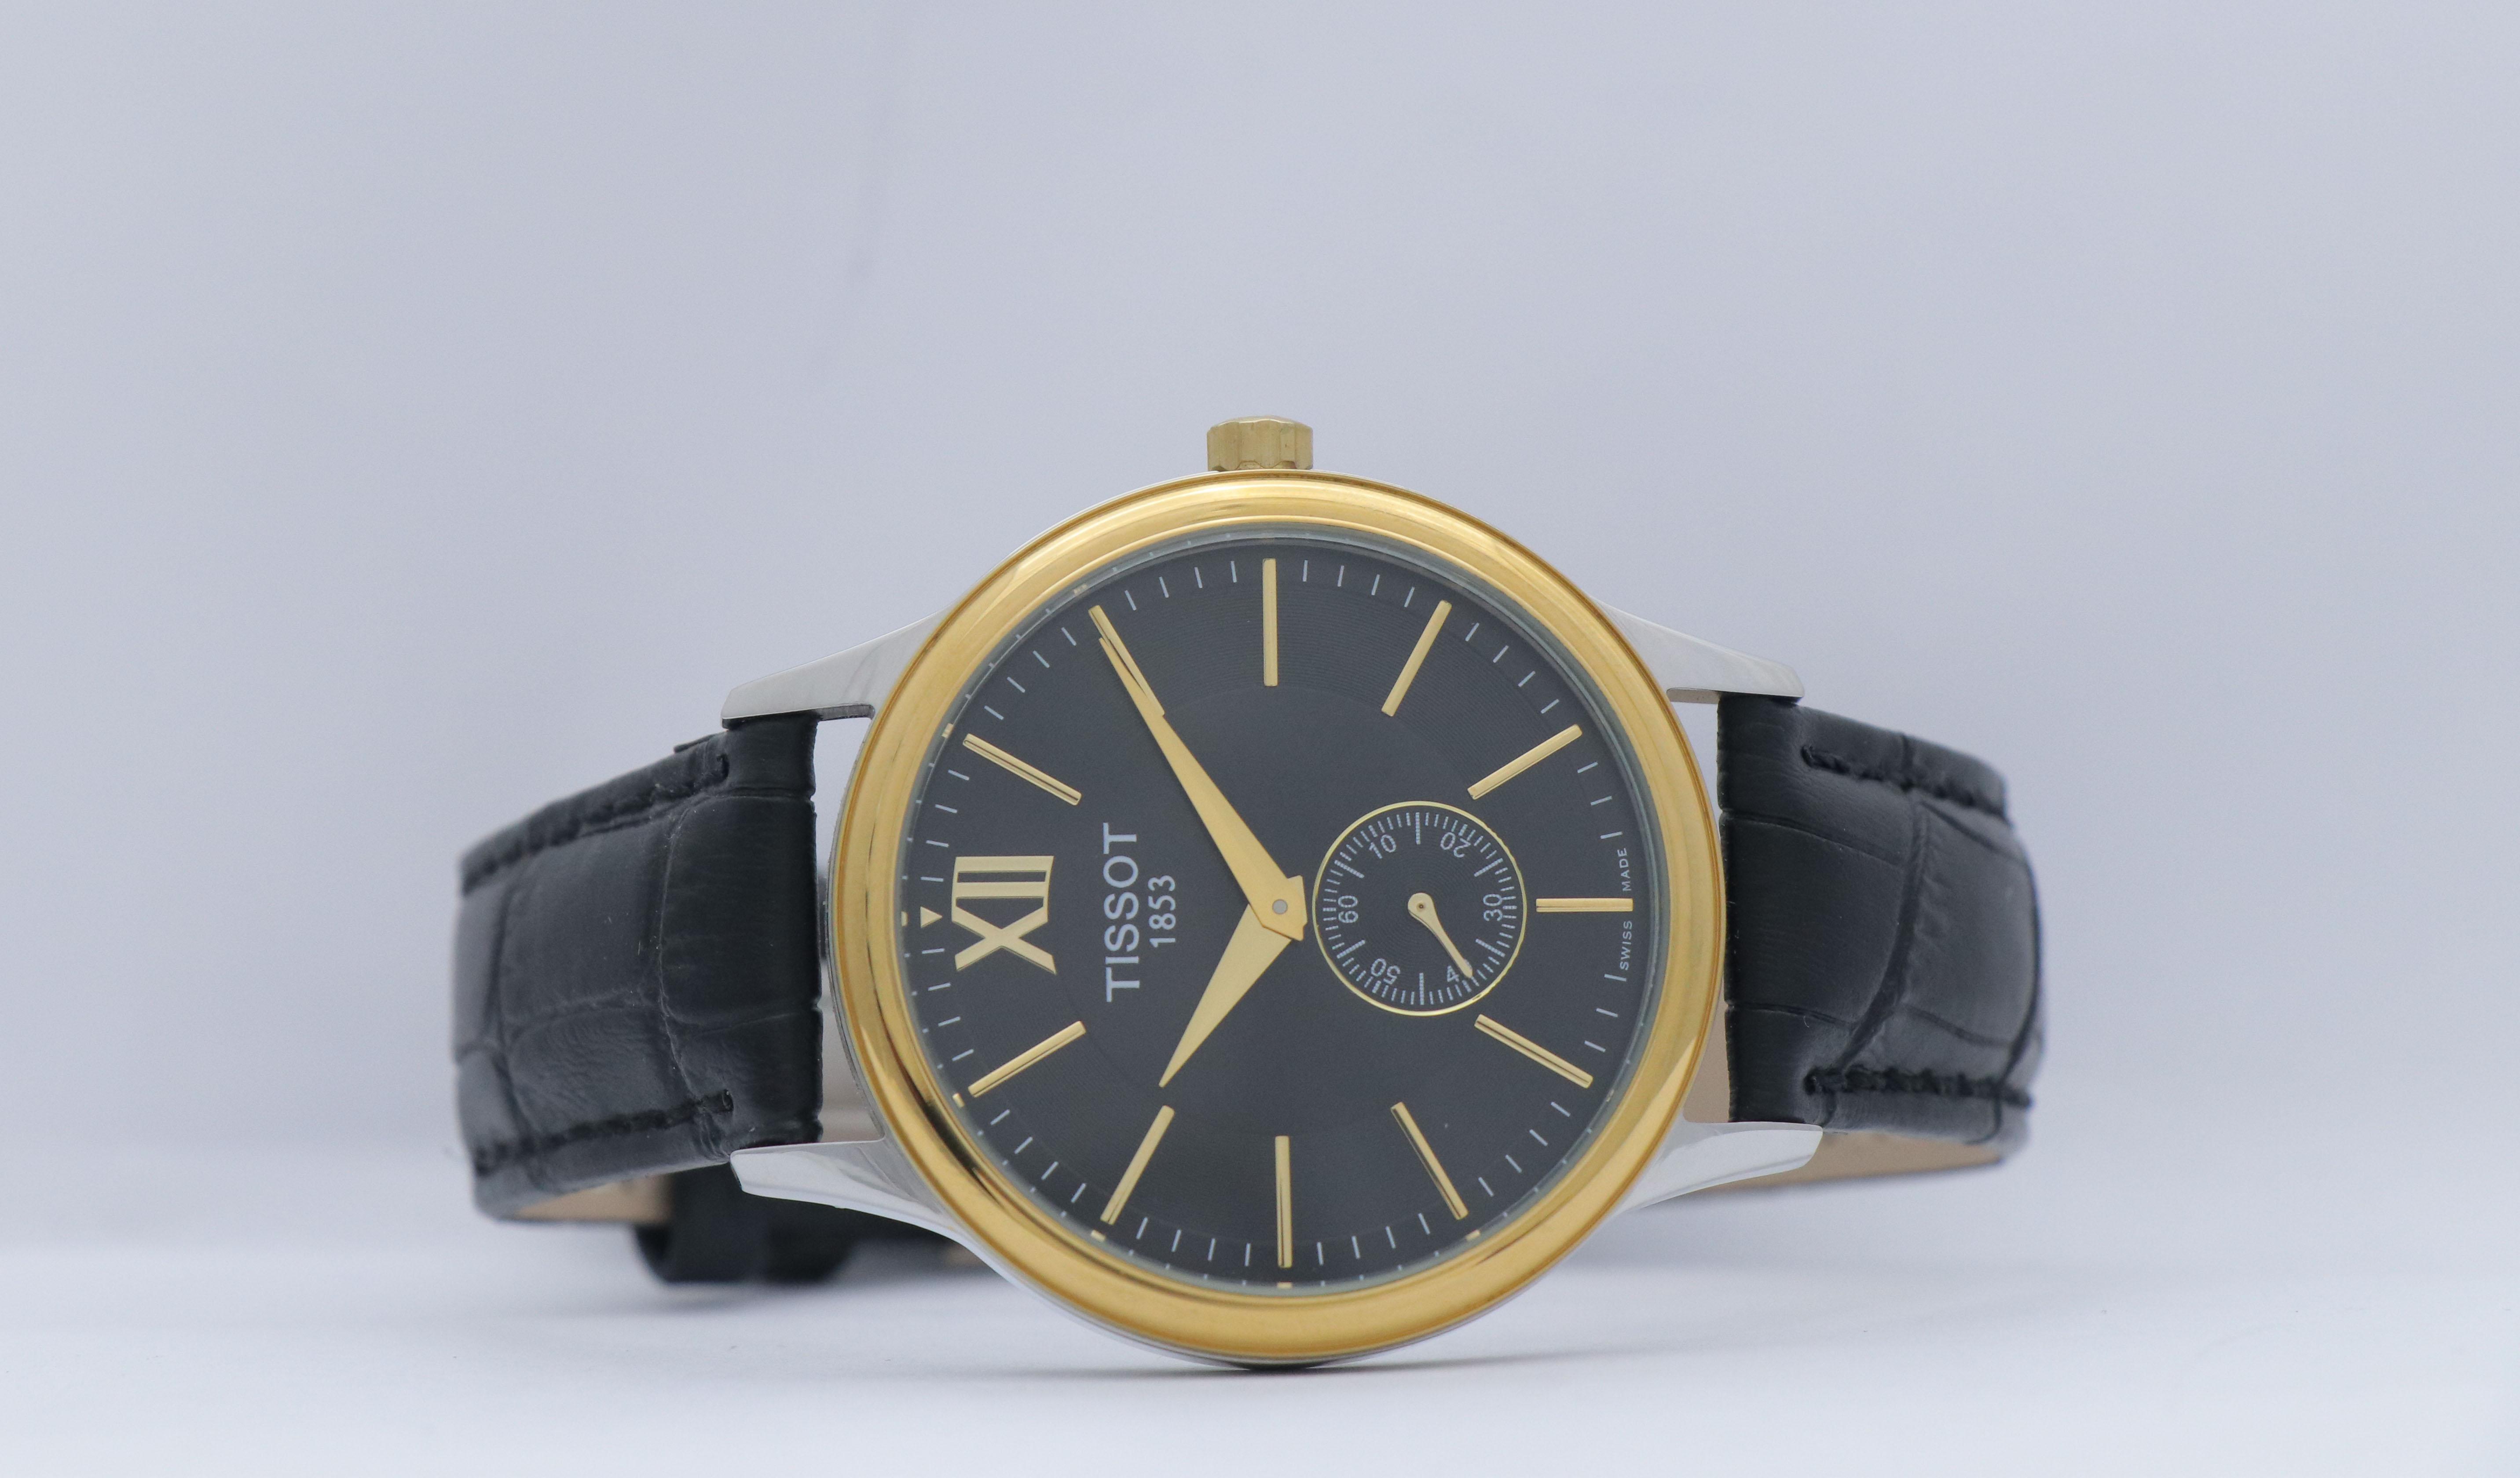 ساعت مچی عقربه ای مردانه تیسوت مدل T912428